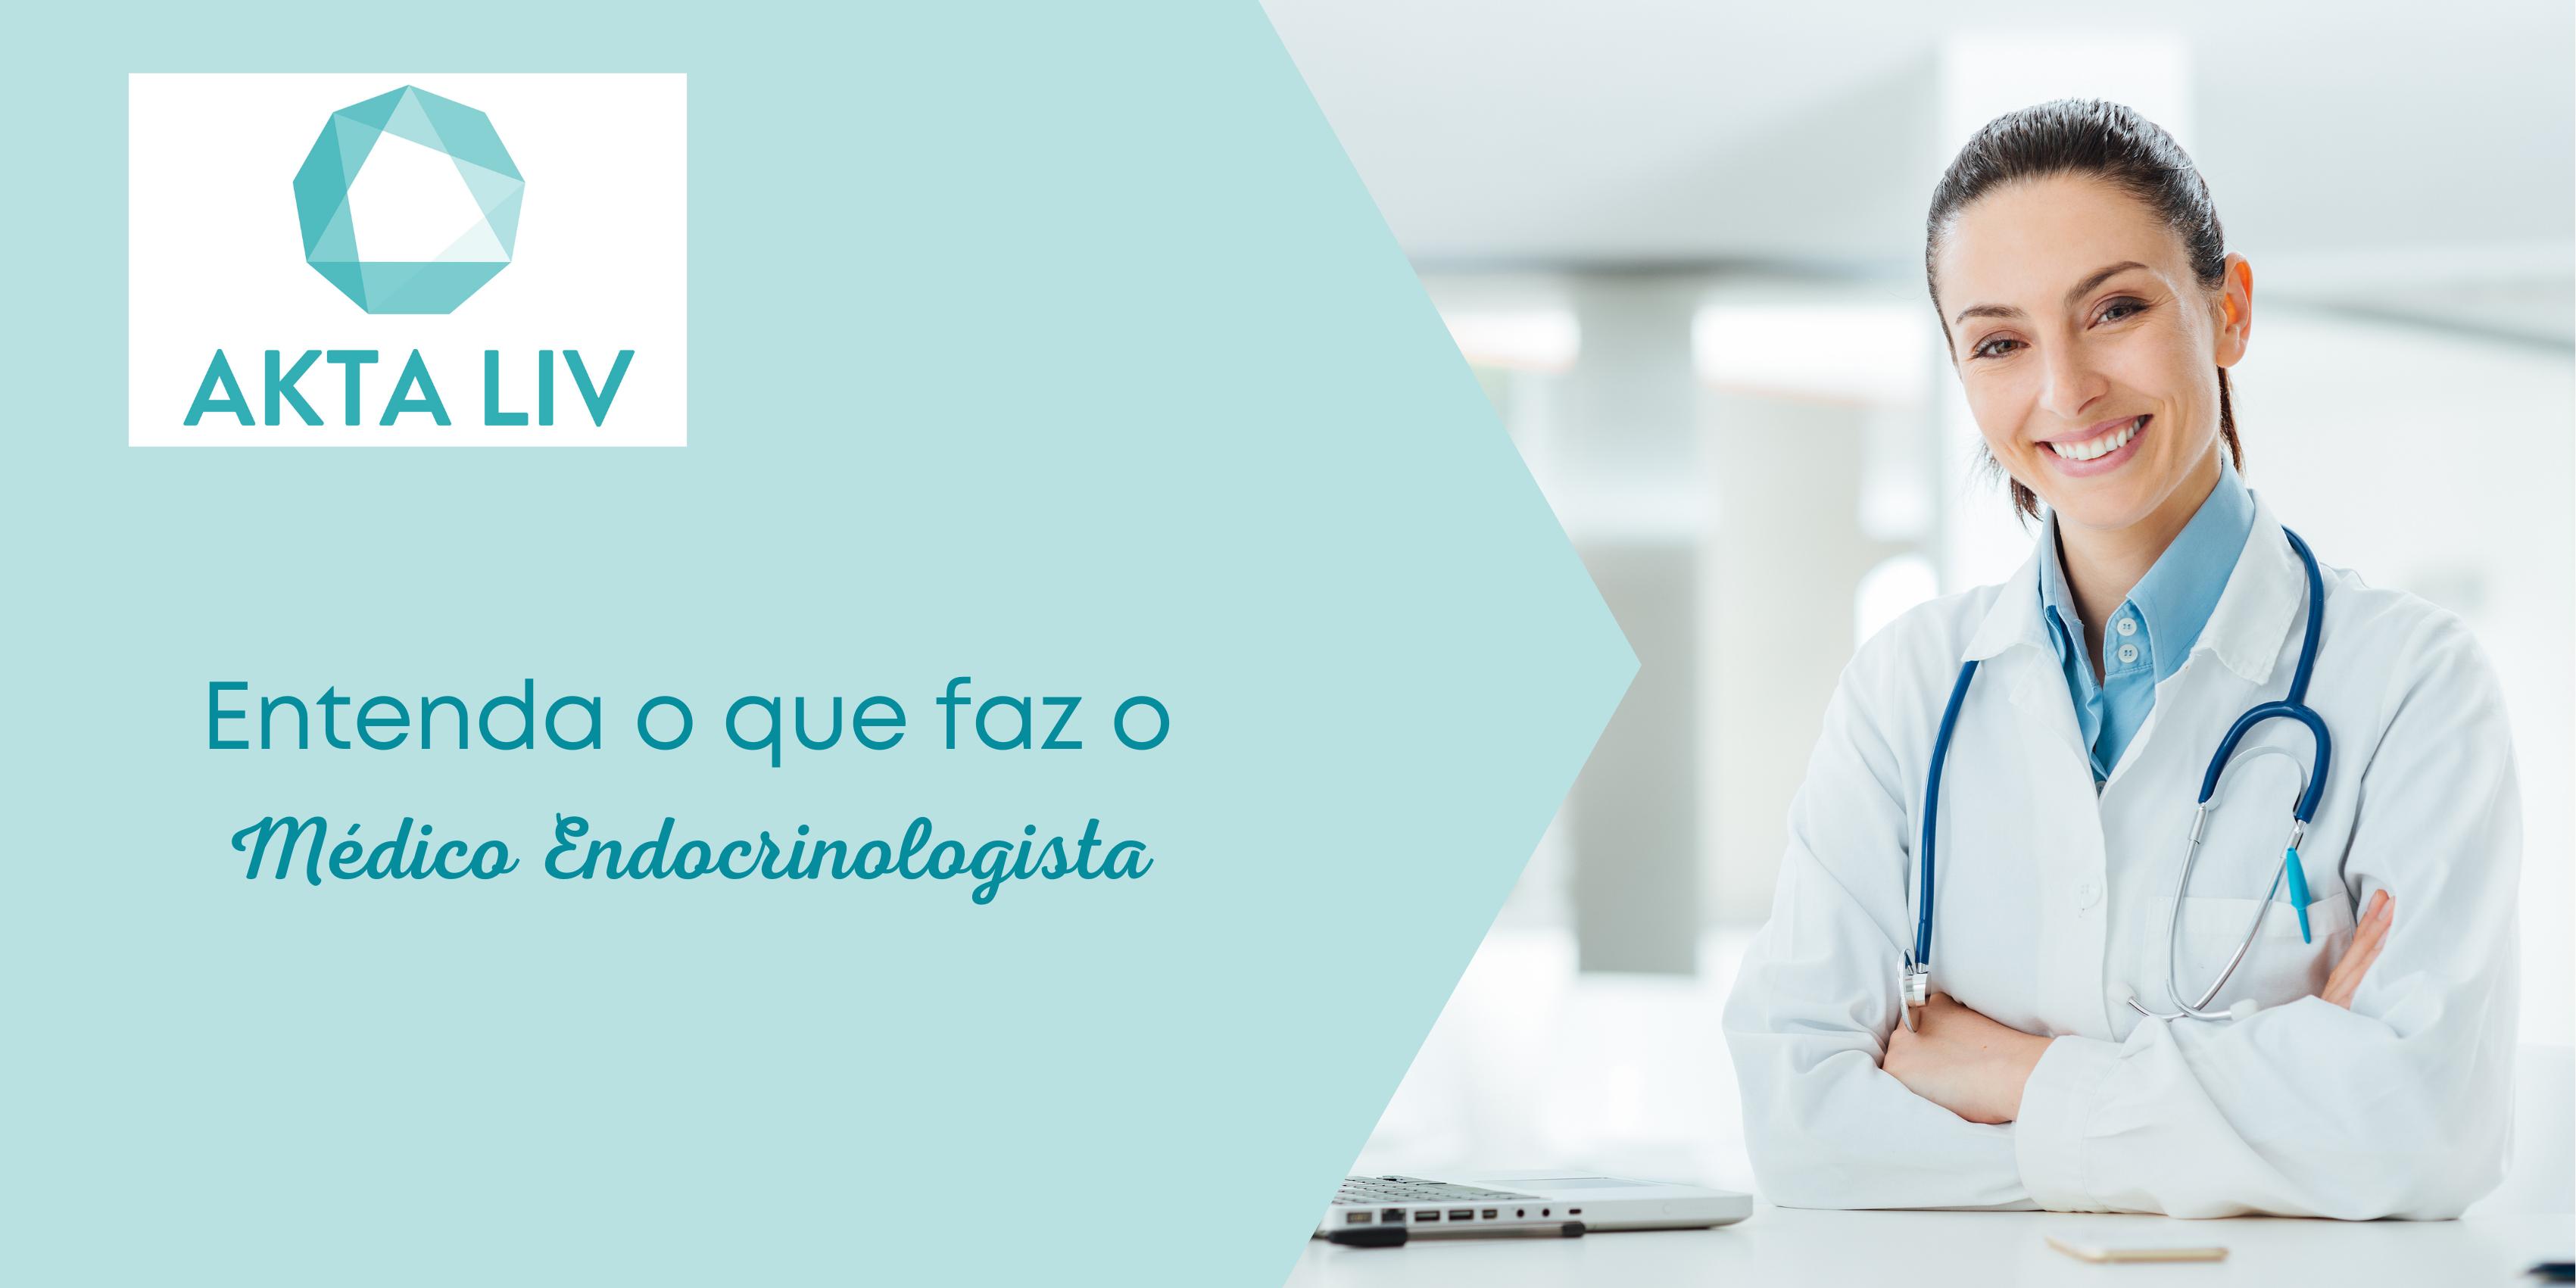 AKTA LIV -- Entenda o que faz o médico endocrinologista